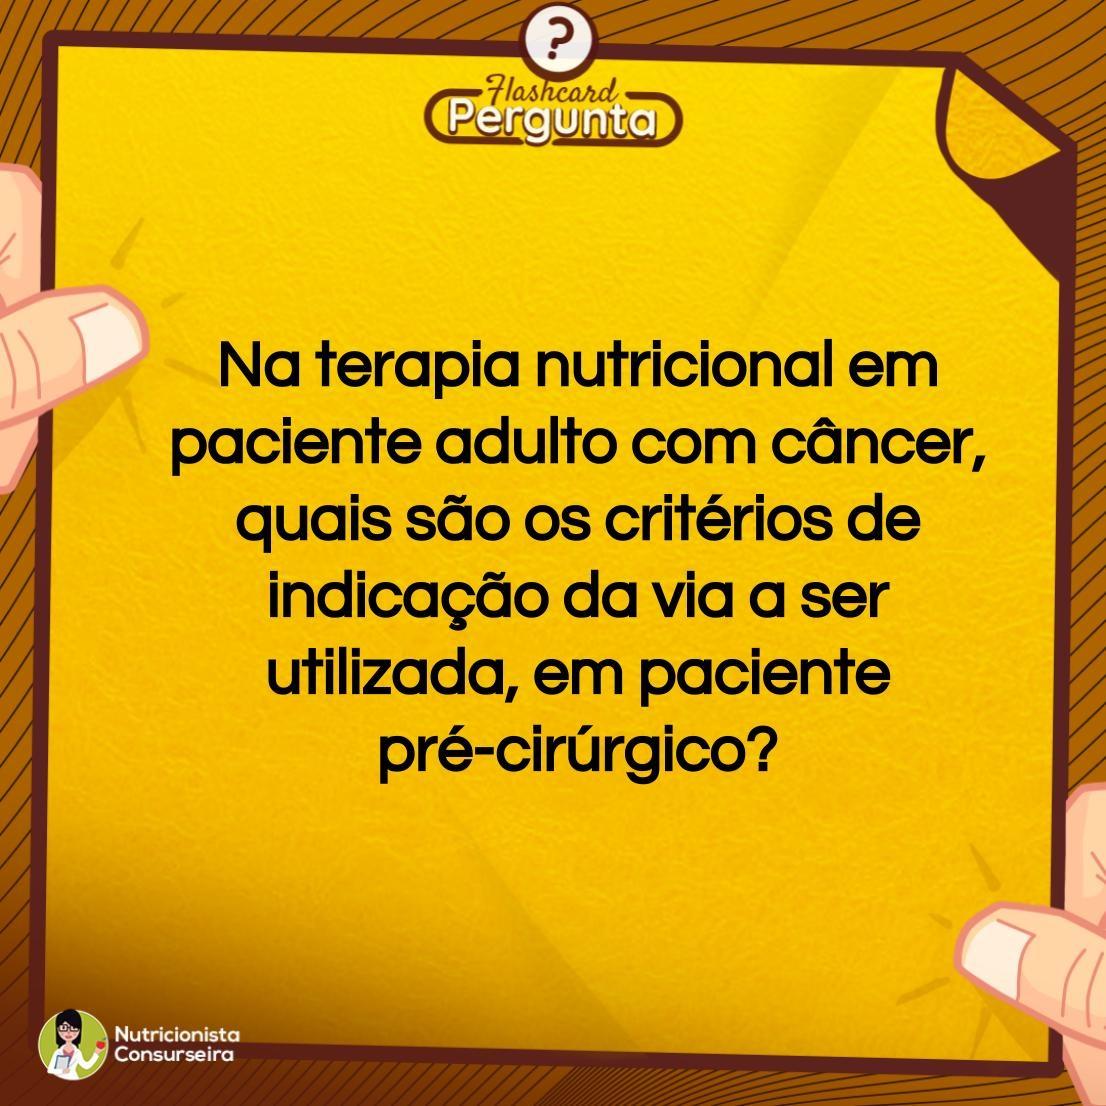 Flashcard de Terapia Nutricional | Nutrição